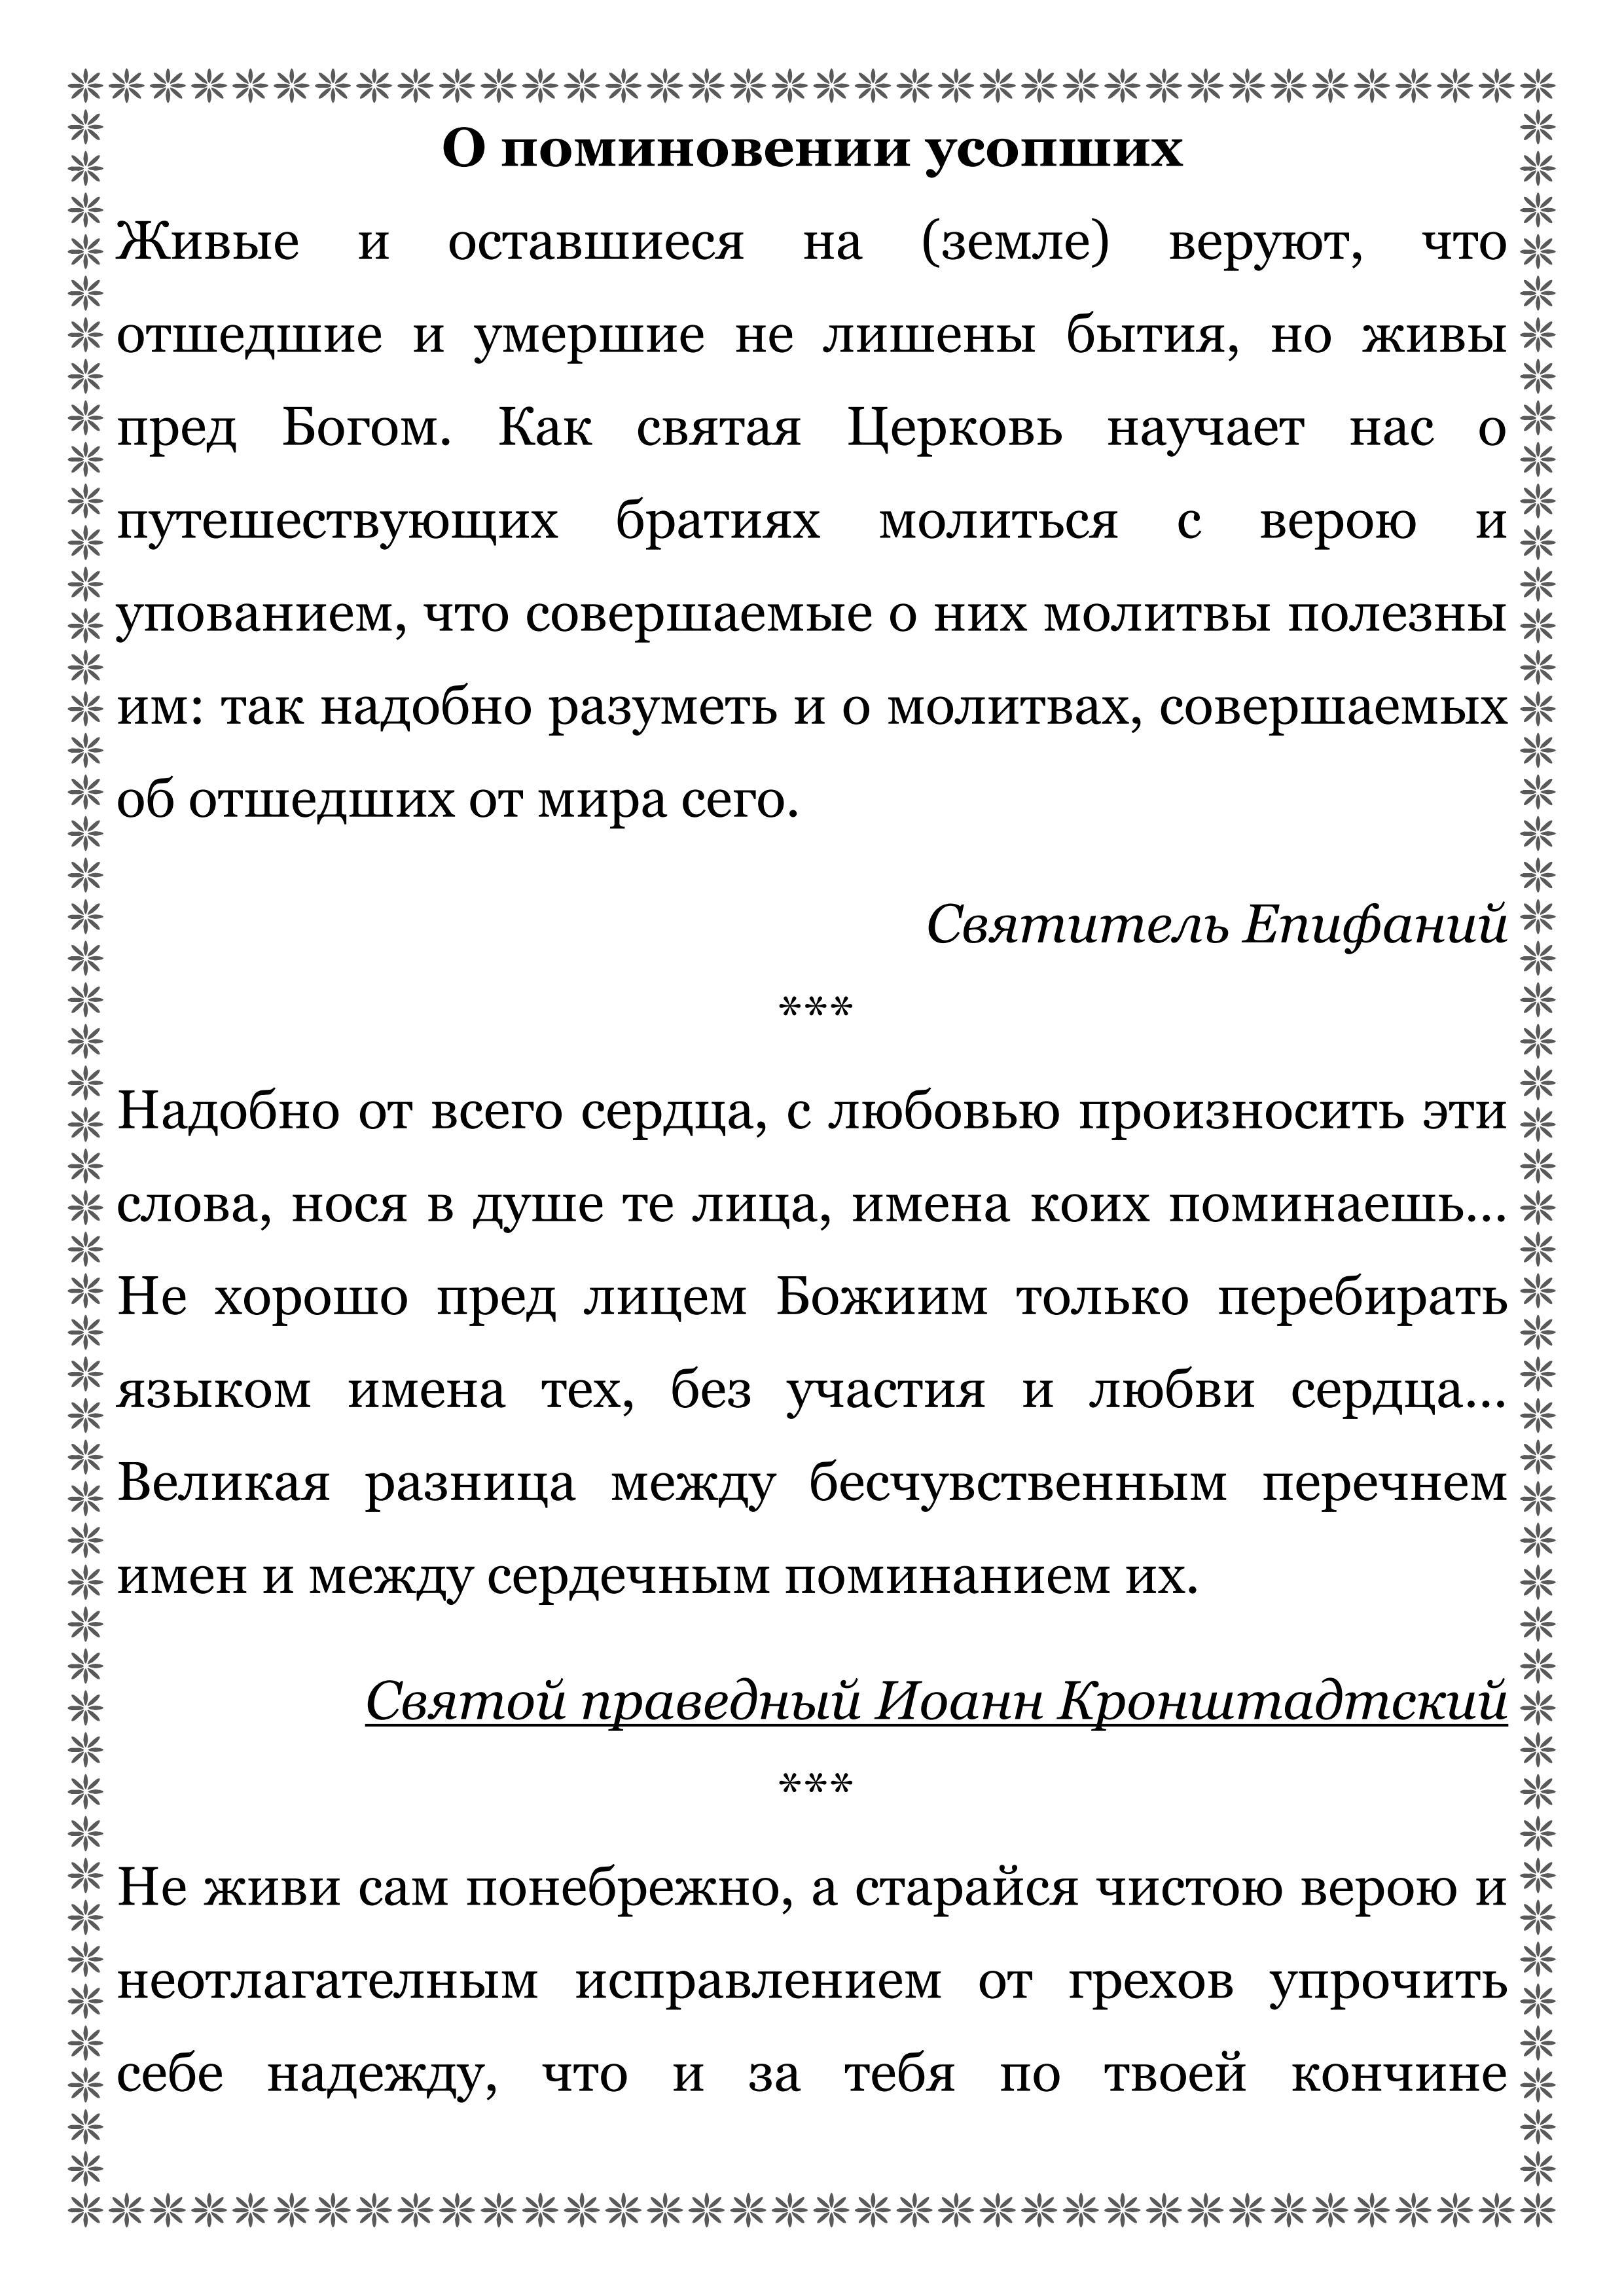 дни поминовения усопших_03